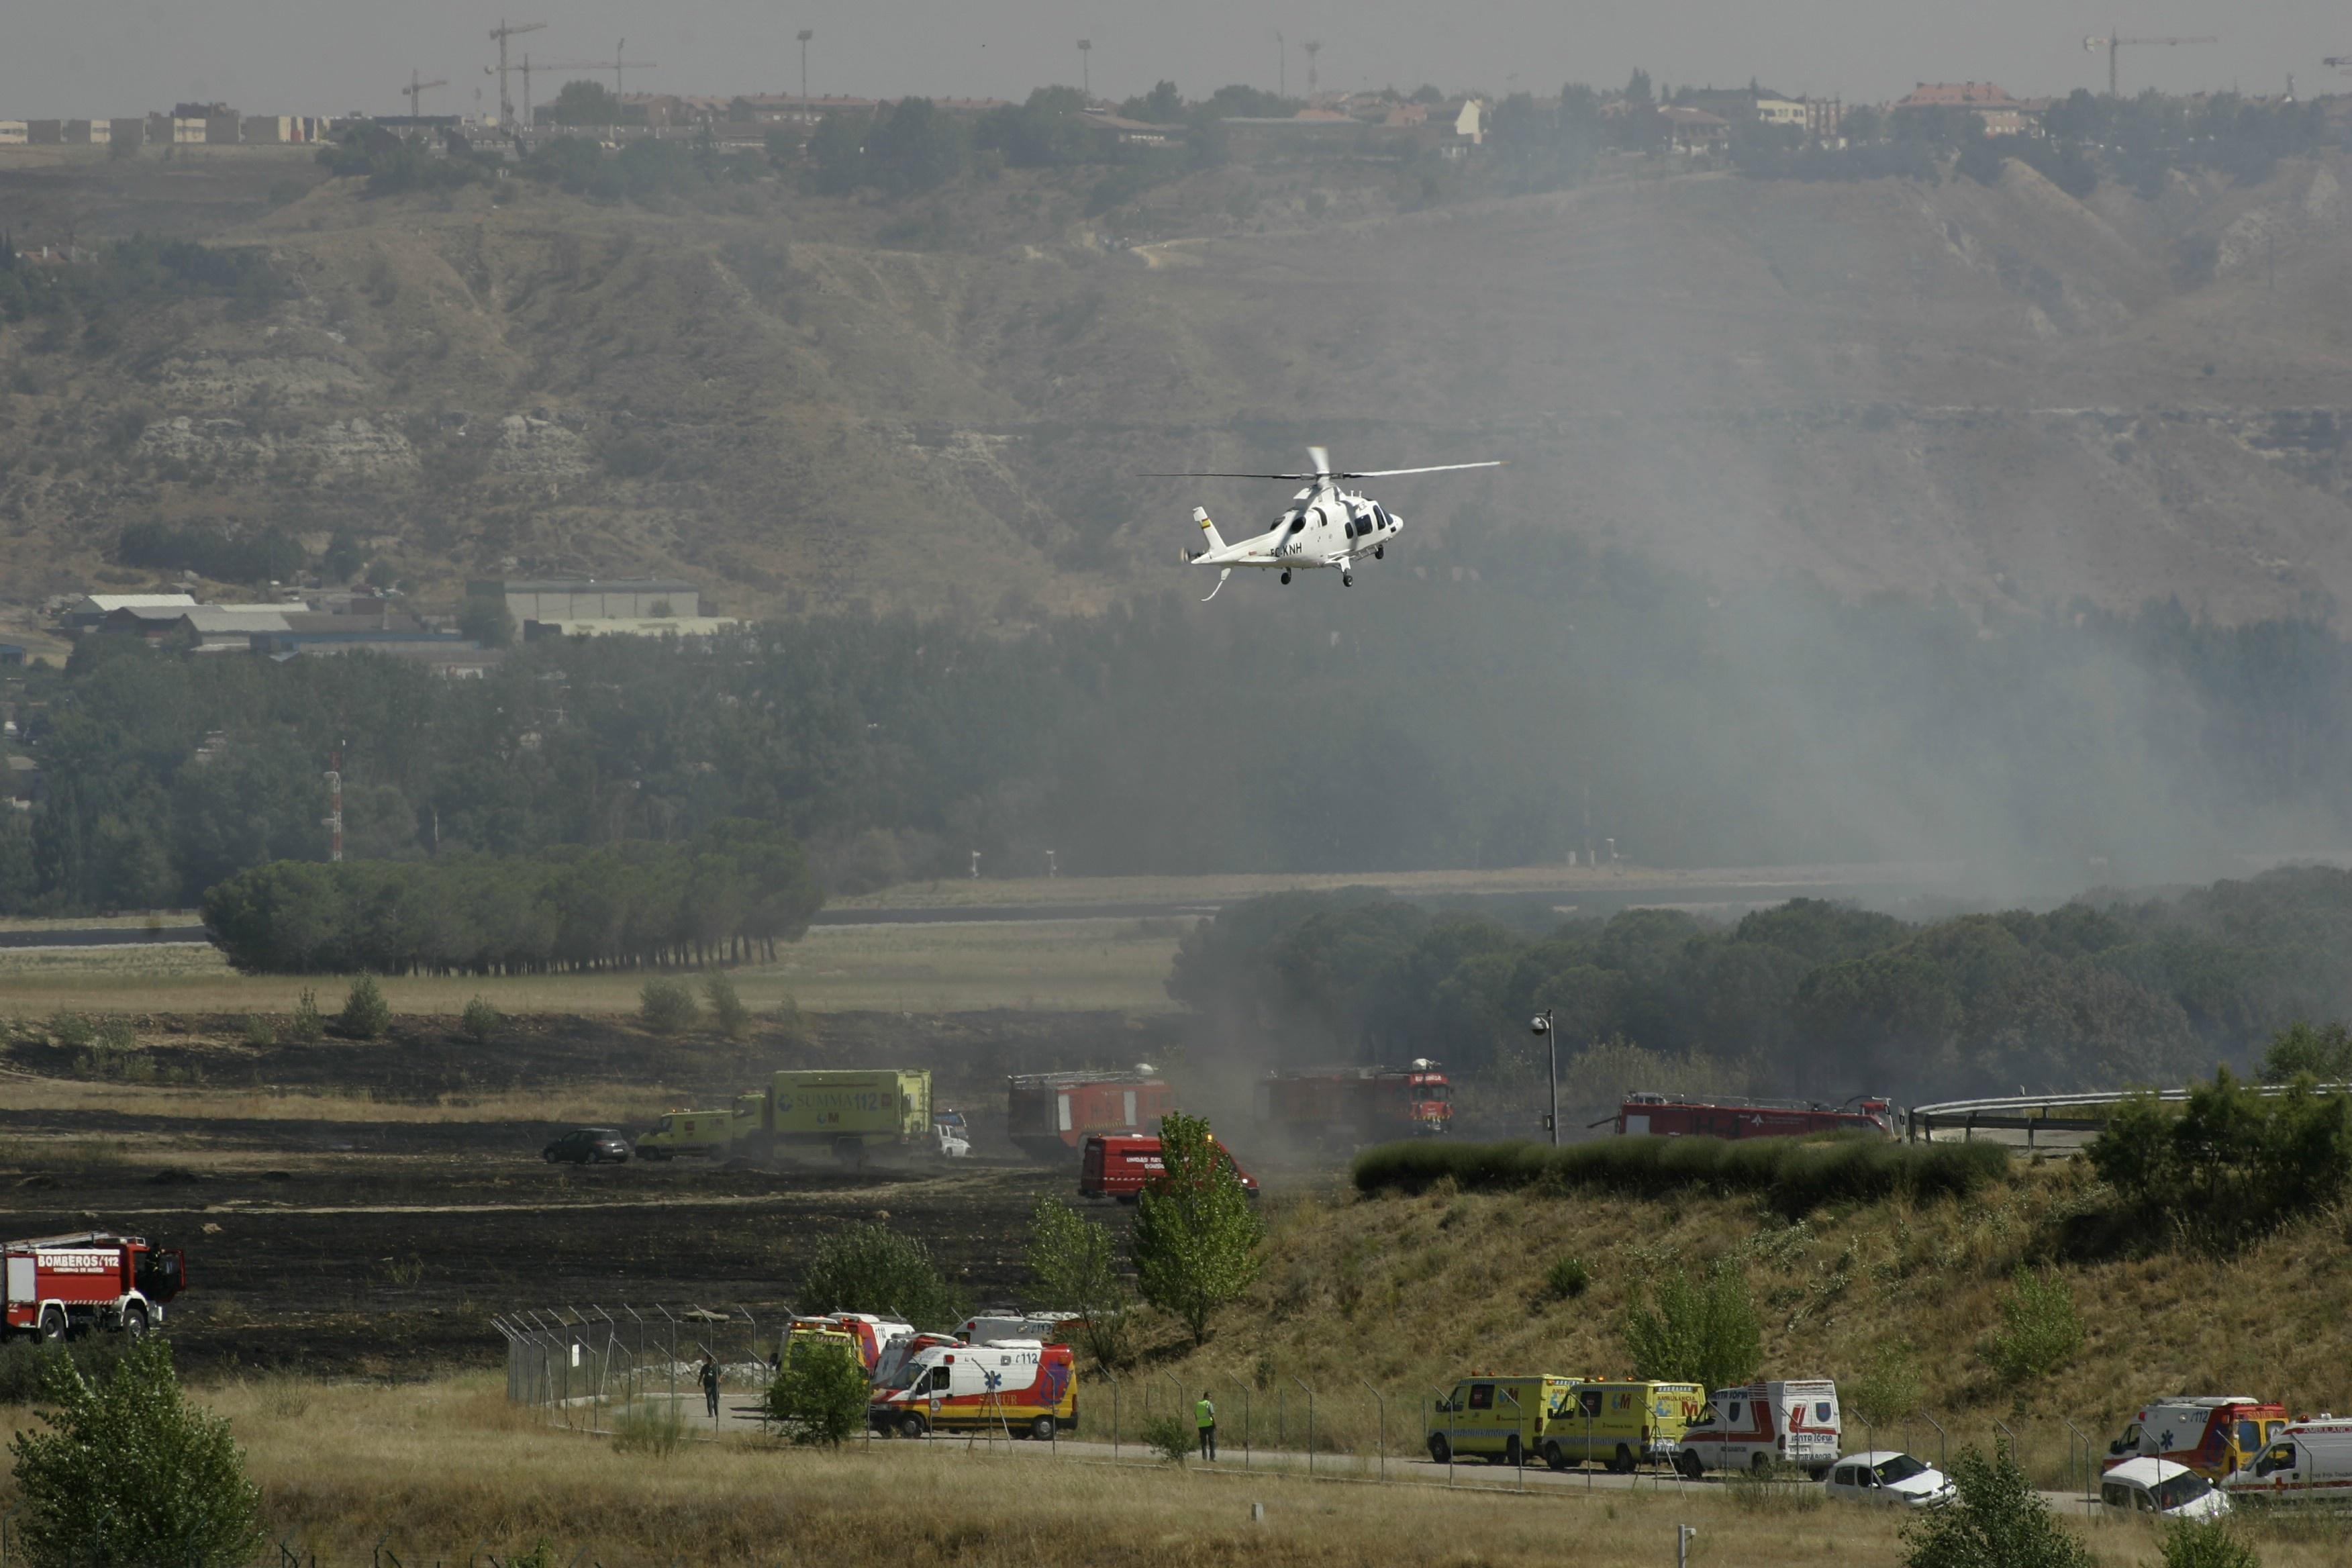 Admiten a trámite la demanda del familiar de una víctima del accidente de Spanair de 2008 contra Mapfre y Boeing